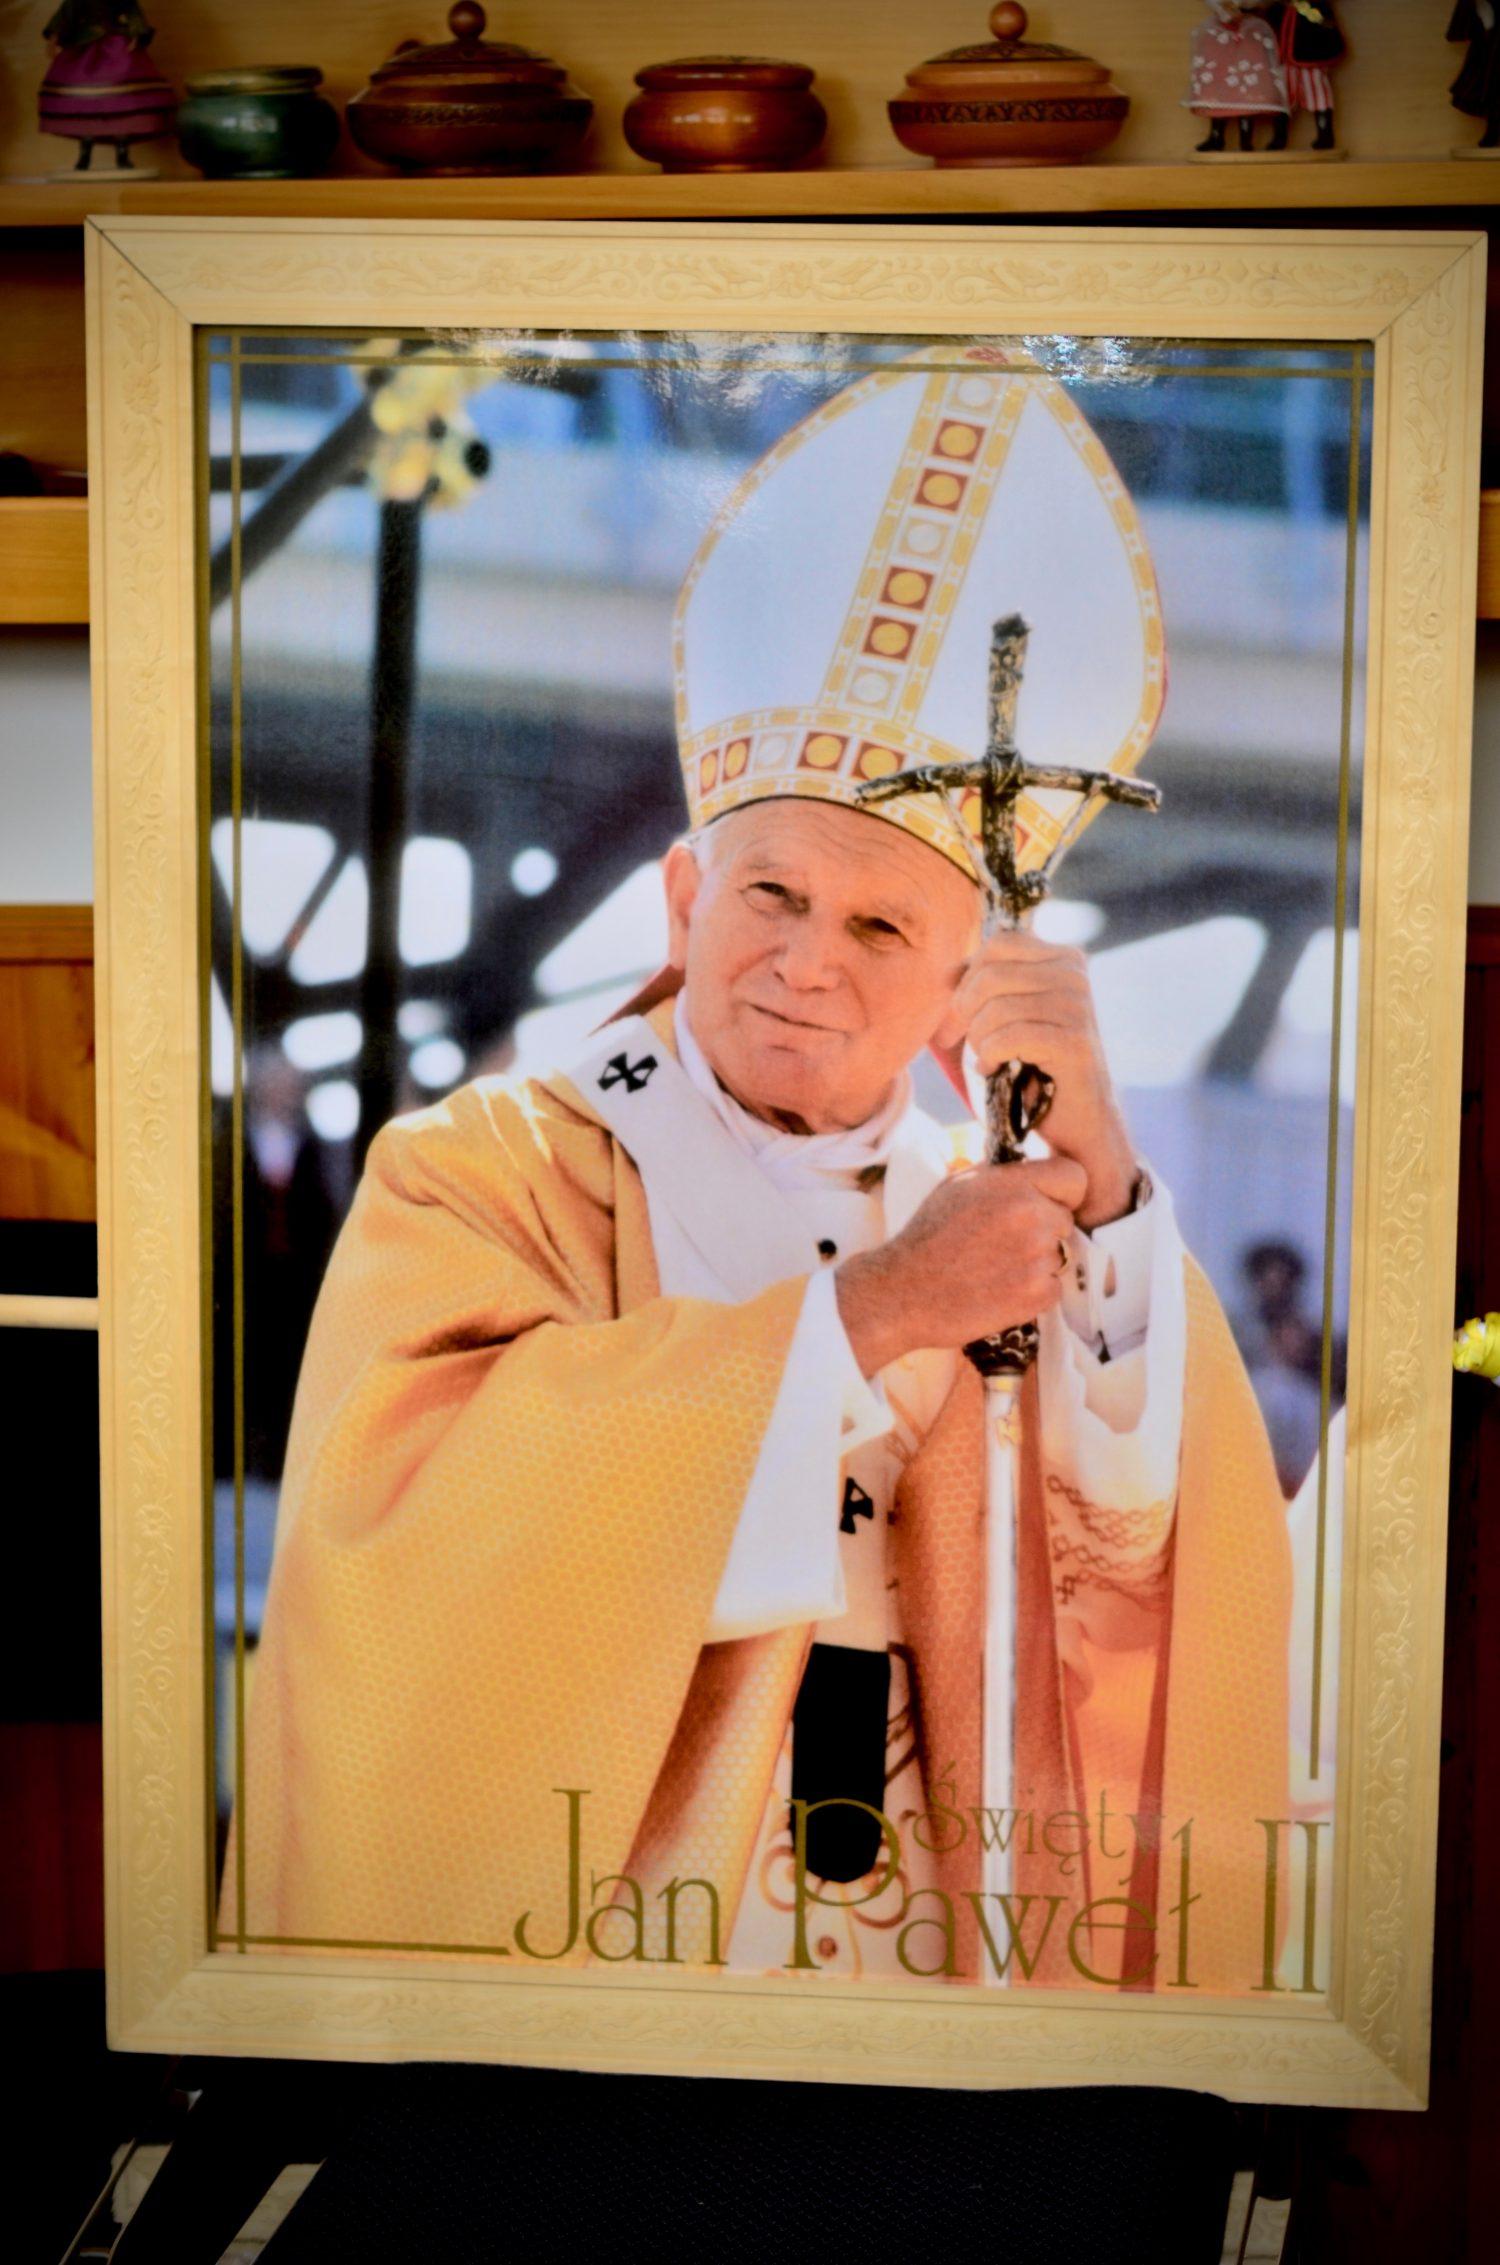 Devotion to st. John Paul II